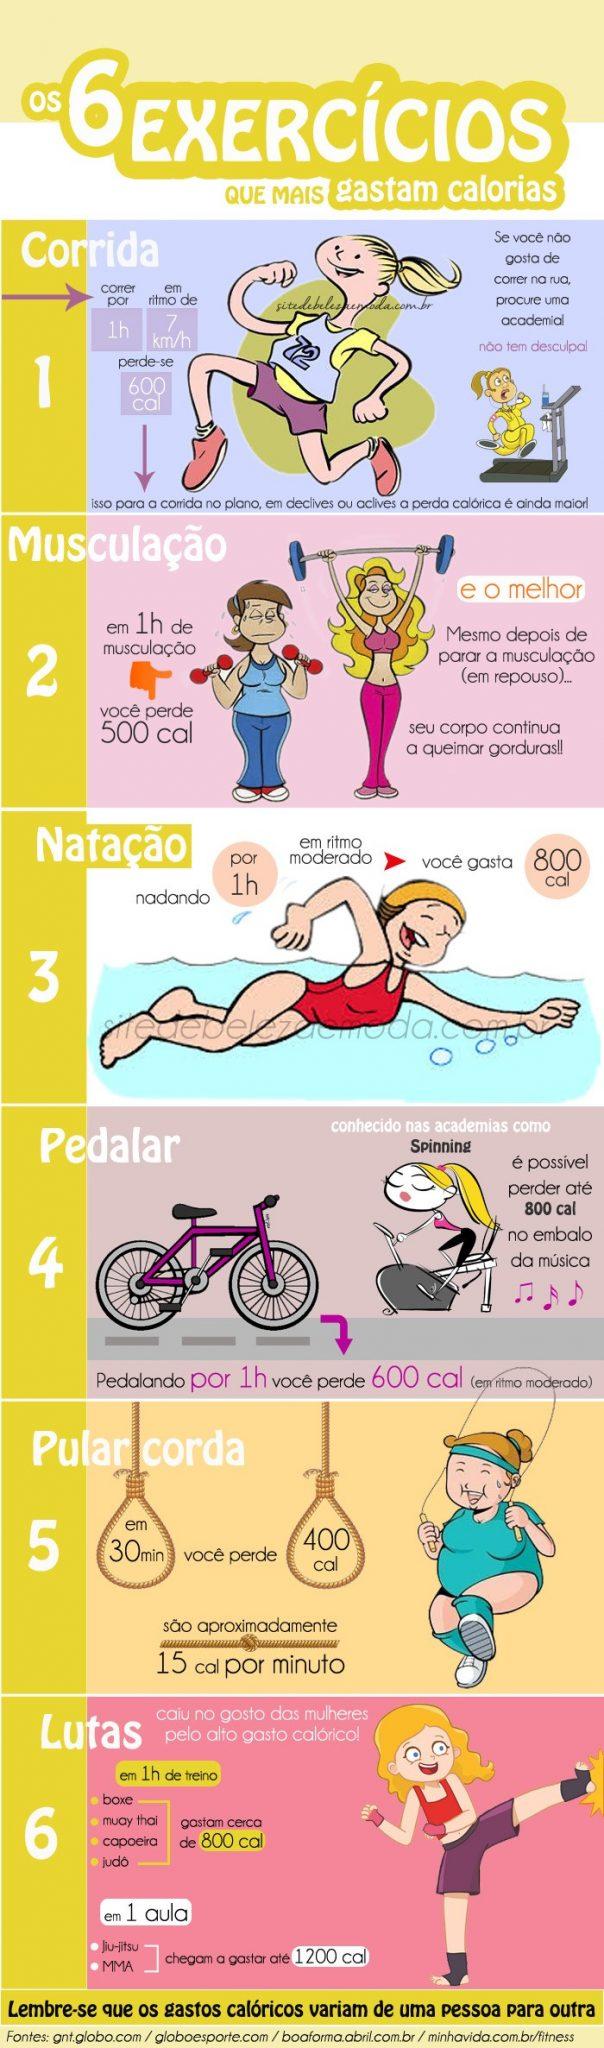 Exercicios-que-mais-gastam-calorias-infografico